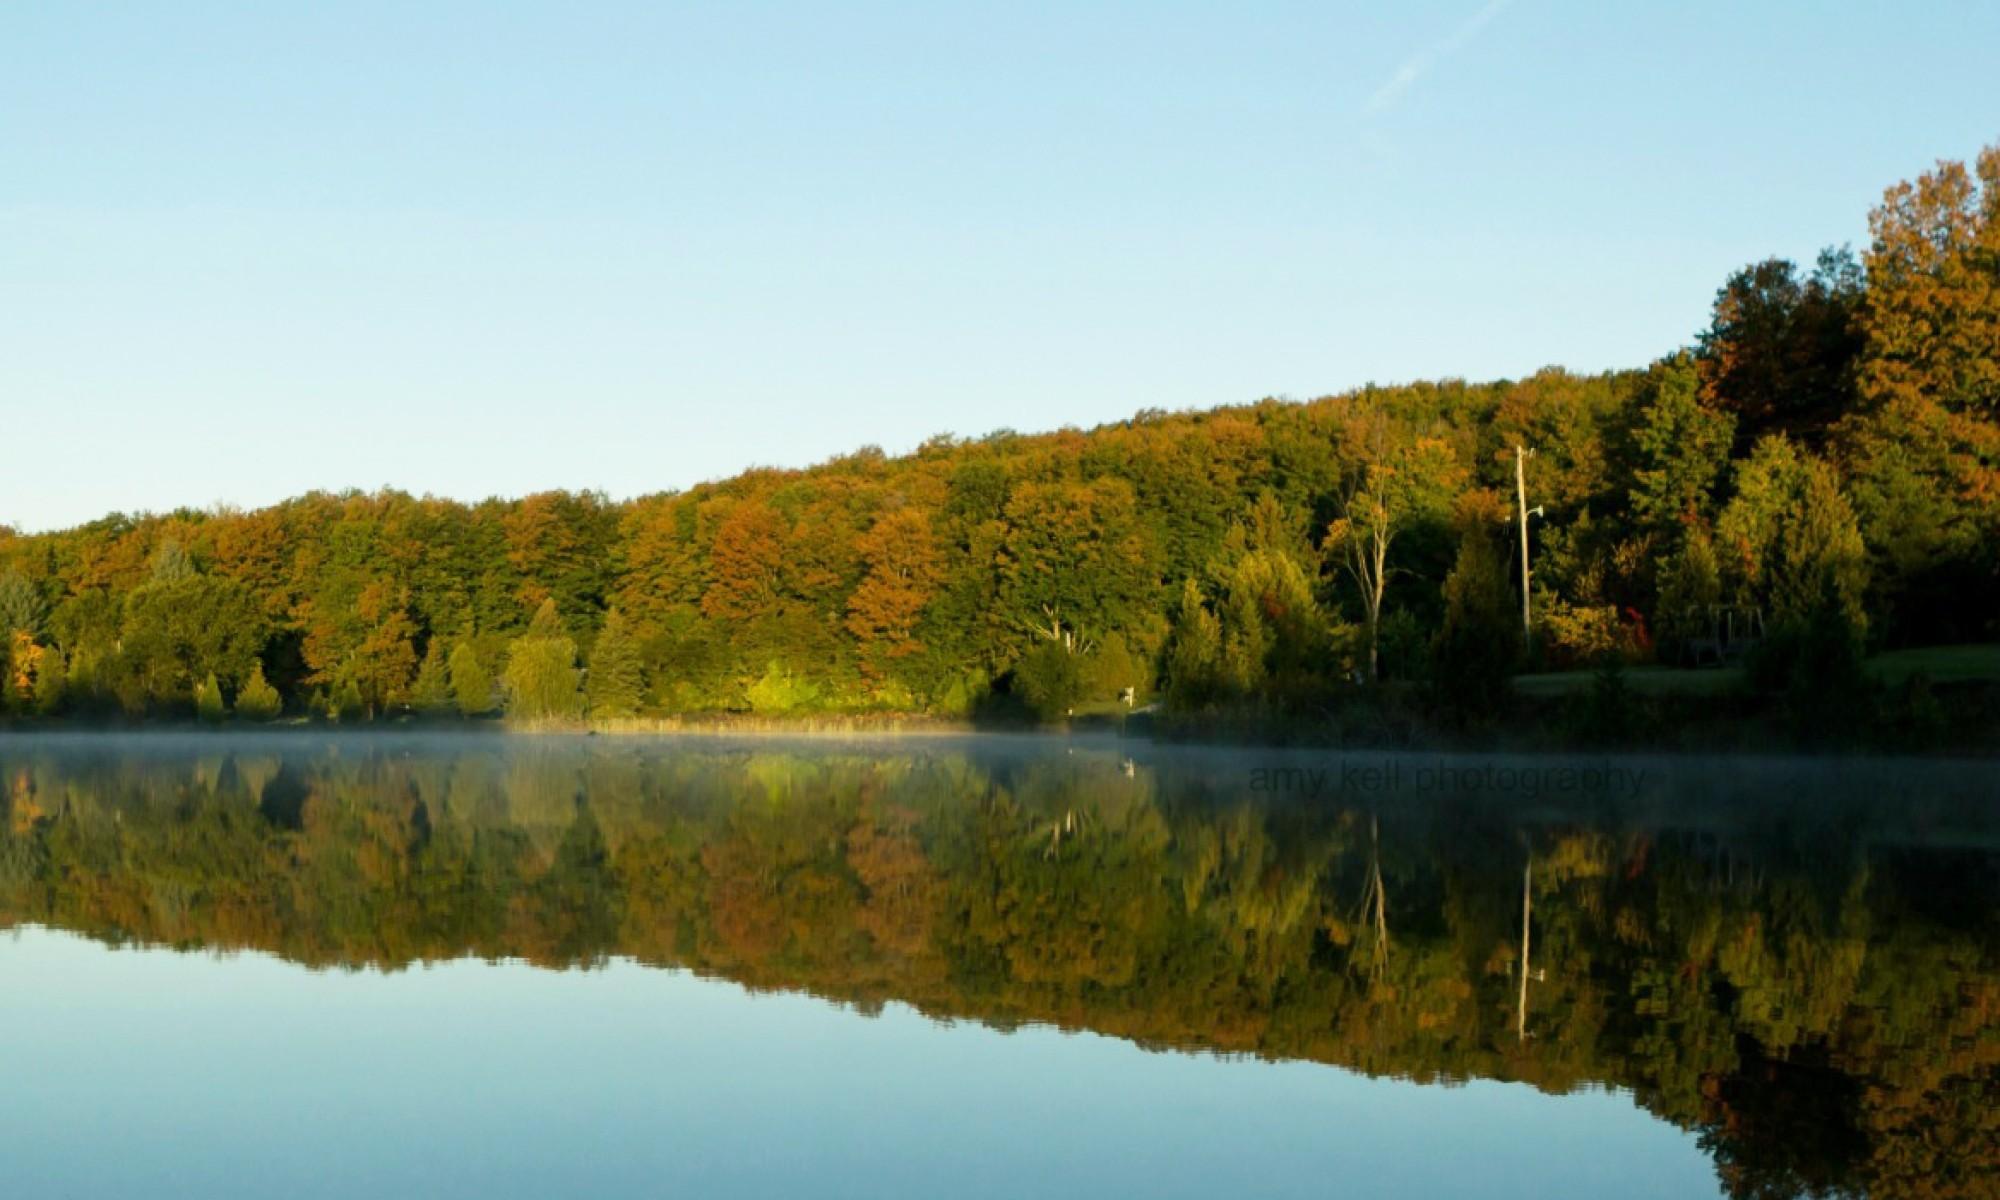 Flesherton pond